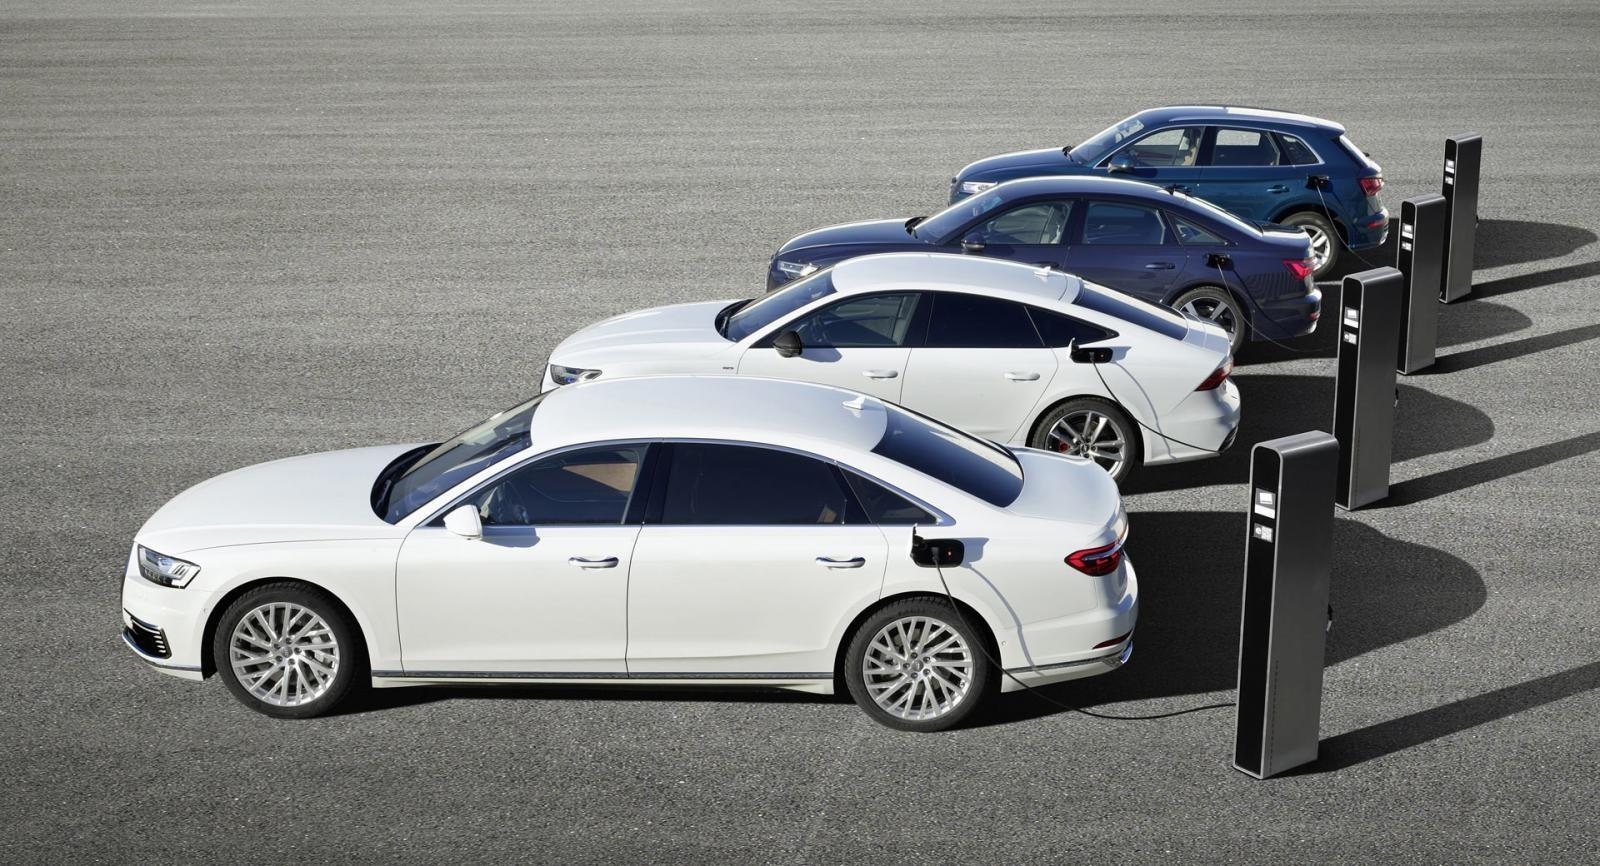 Bốn chiếc xe có hệ truyền động giống nhau ngoại trừ sự vượt trội của A8